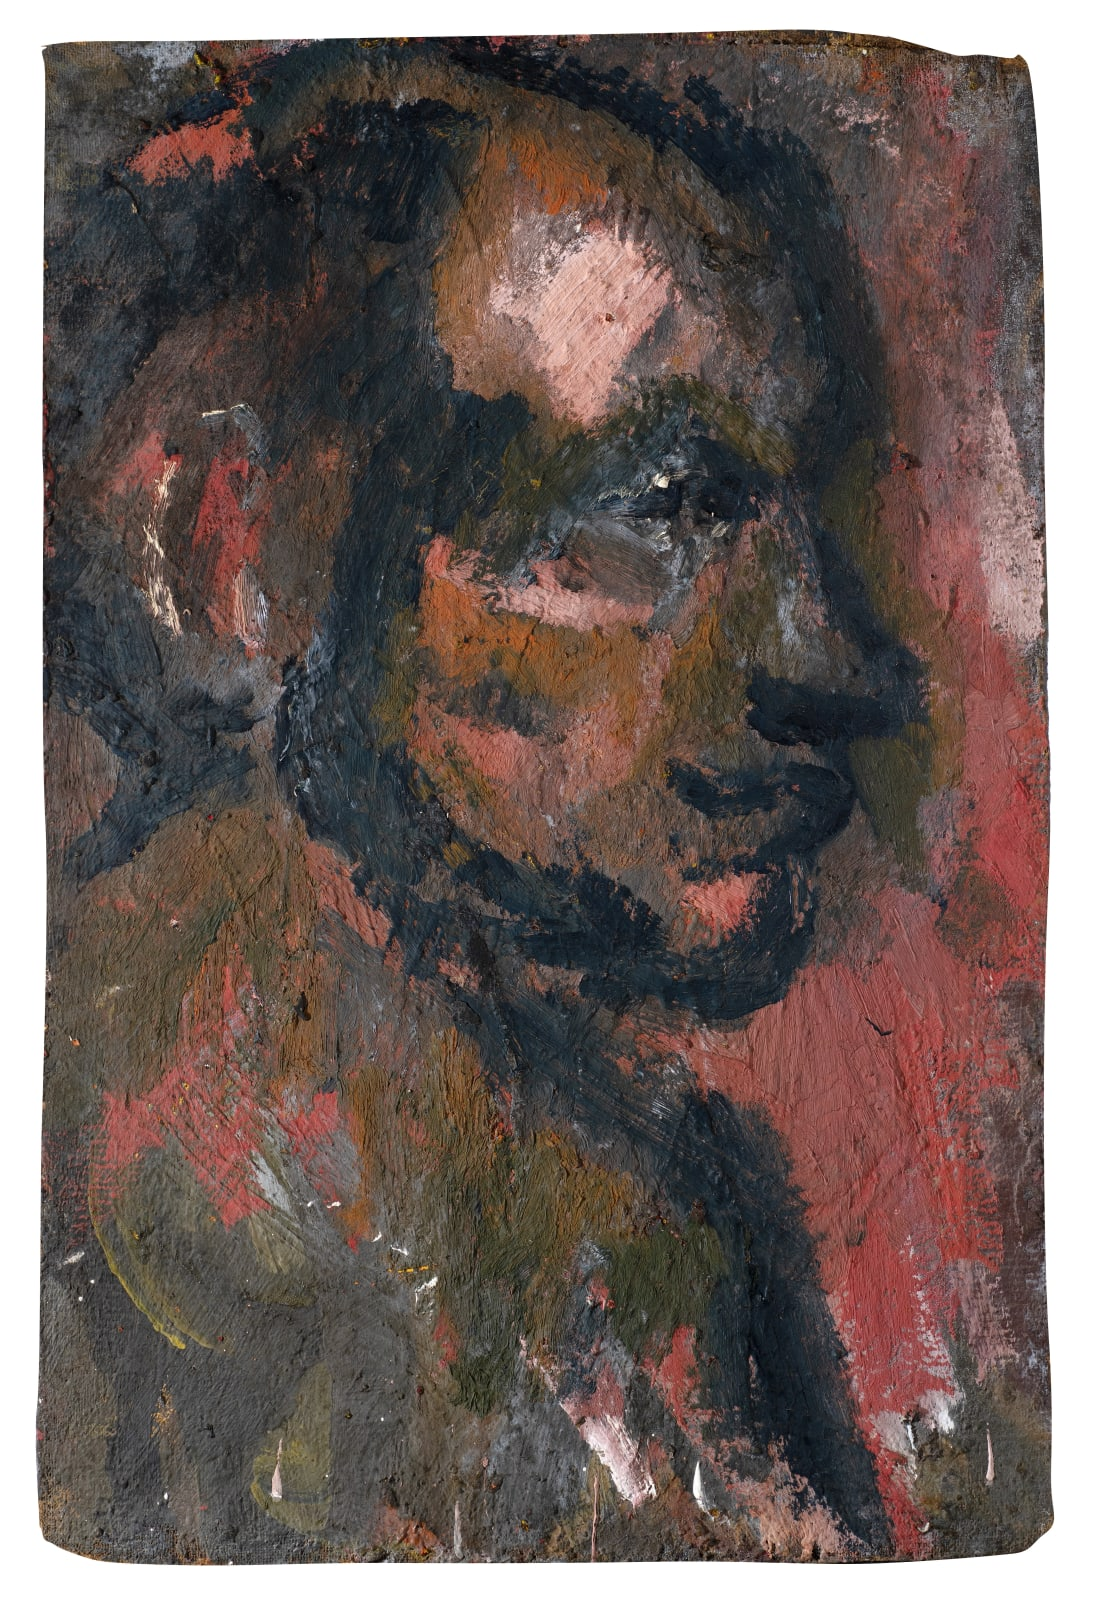 Gustav Metzger Portrait, c. 1949-50 Oil on board 84.5 x 56.4cm. The Gustav Metzger Foundation